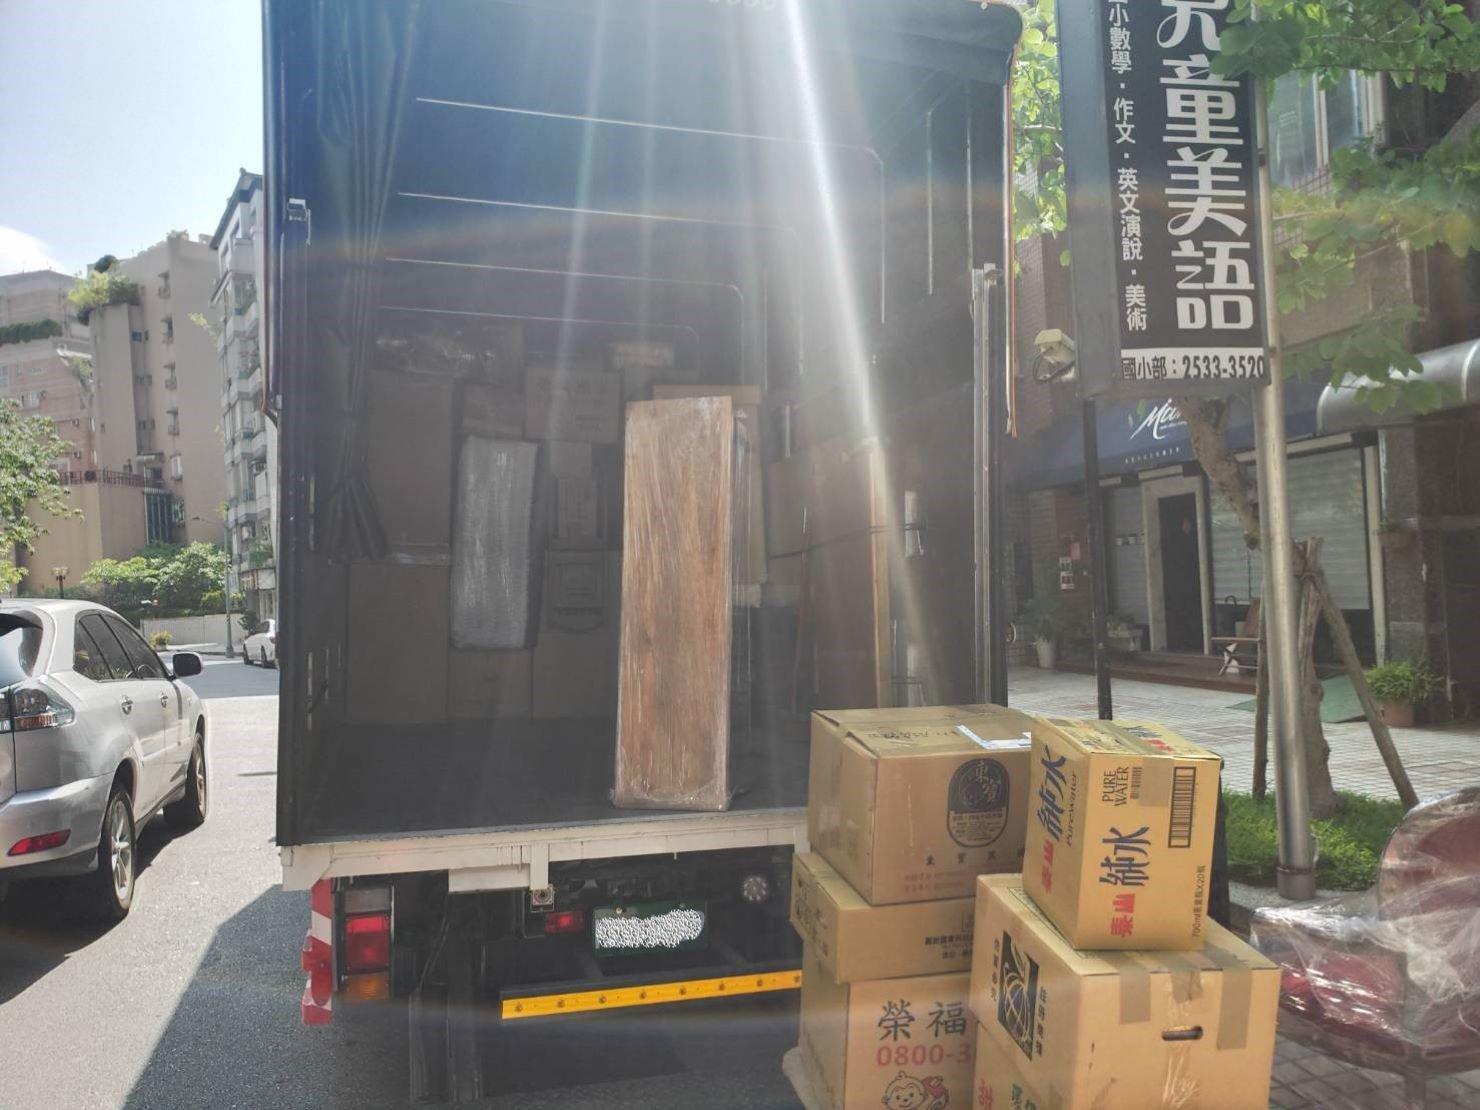 搬家公司【榮福搬家公司】拆裝家具、 搬家口碑第一、台北搬家:先以大型物件搬運上車為主,其餘的小物件可往後堆疊或向上堆疊。